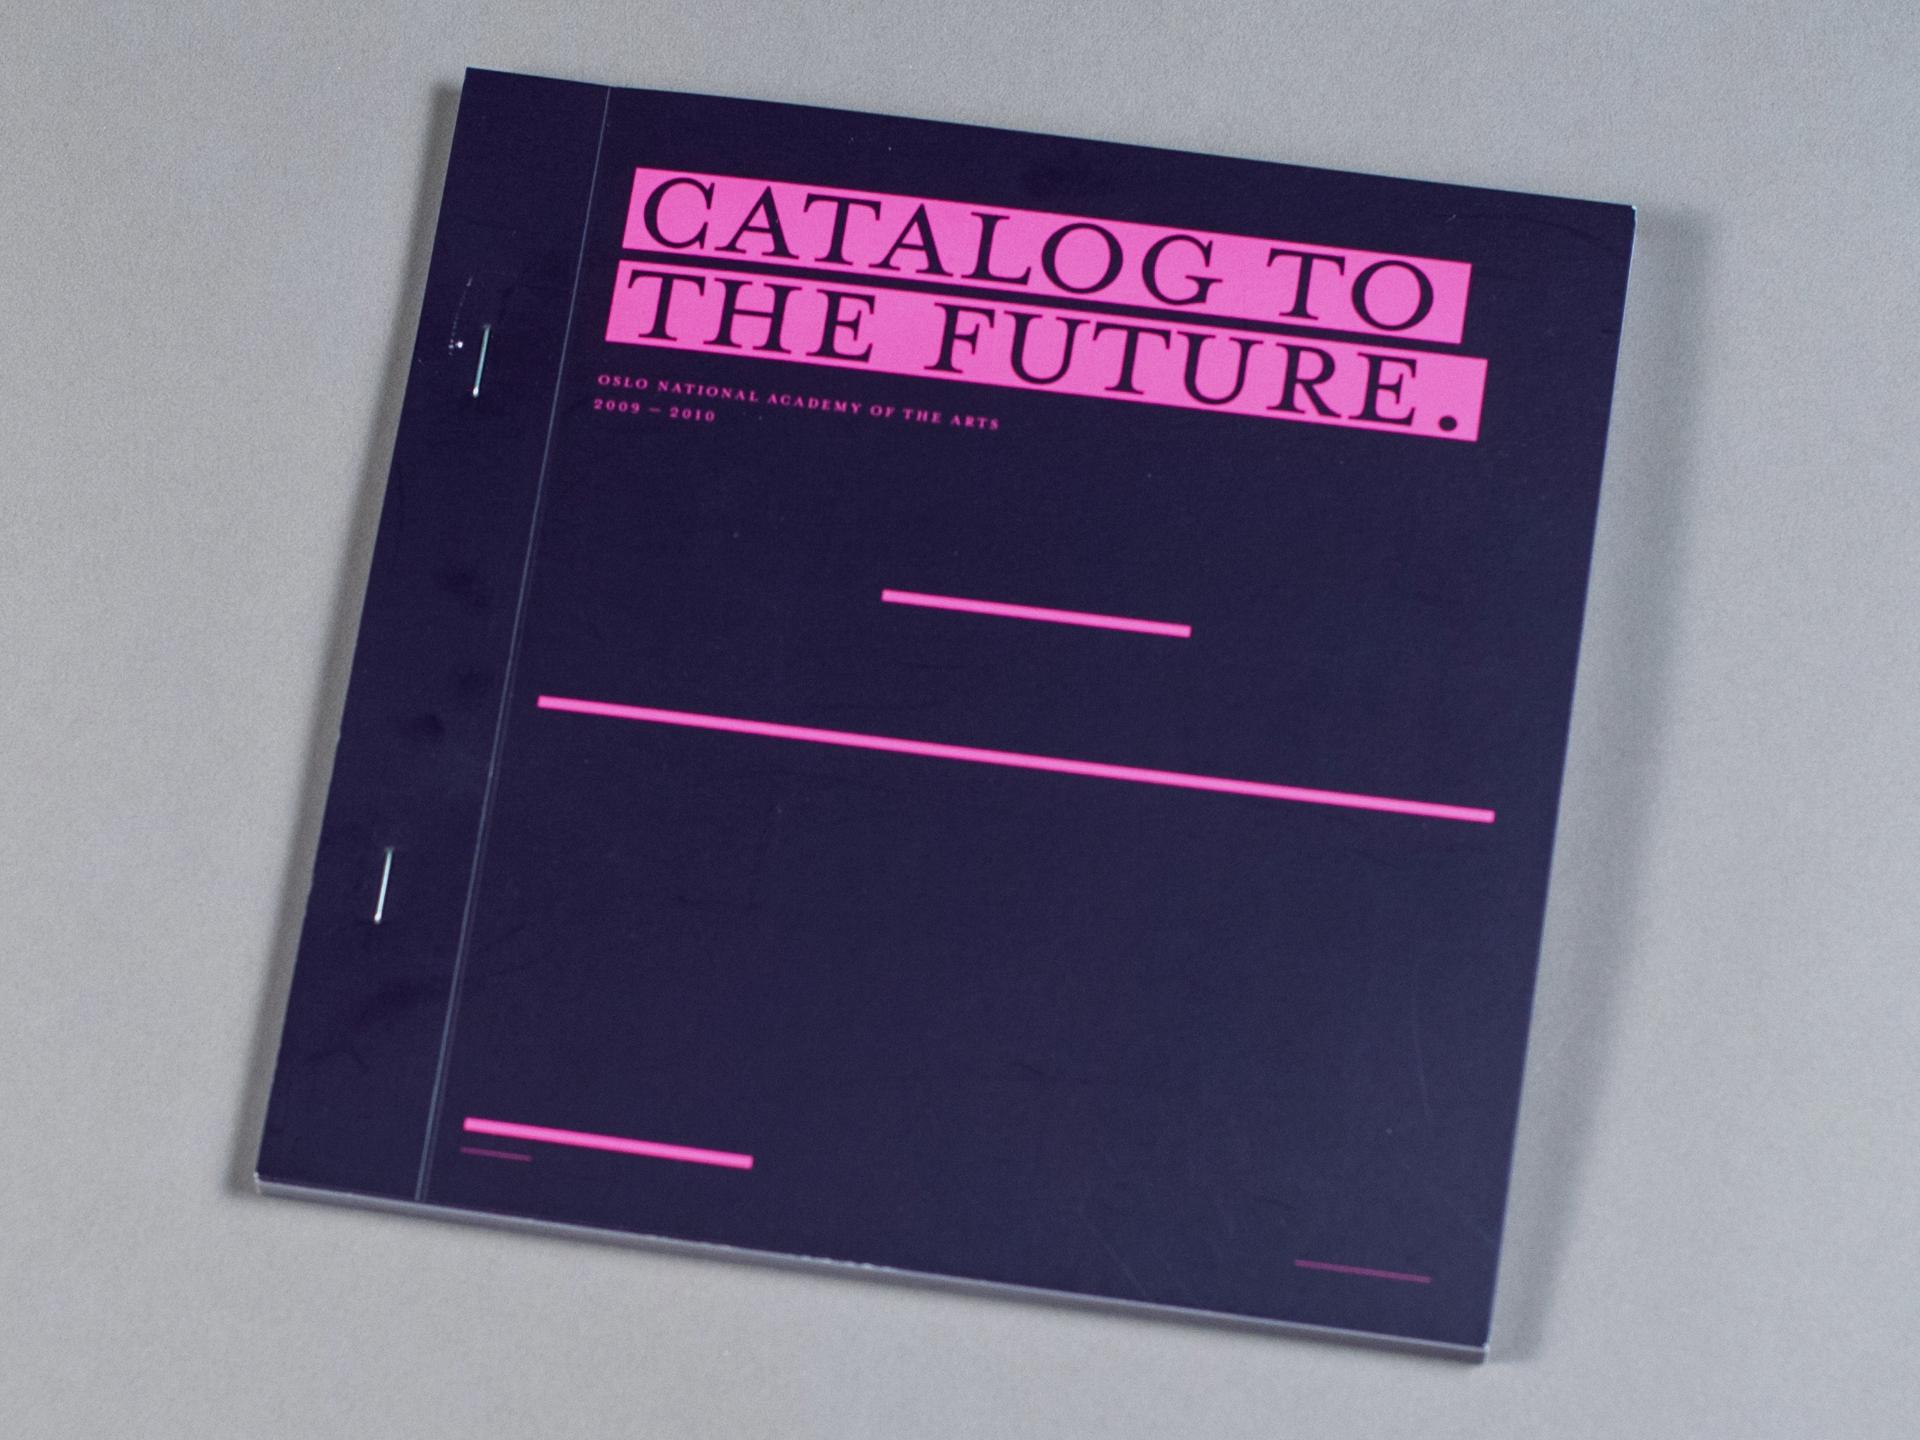 KHiO katalog - forside. Bilde.